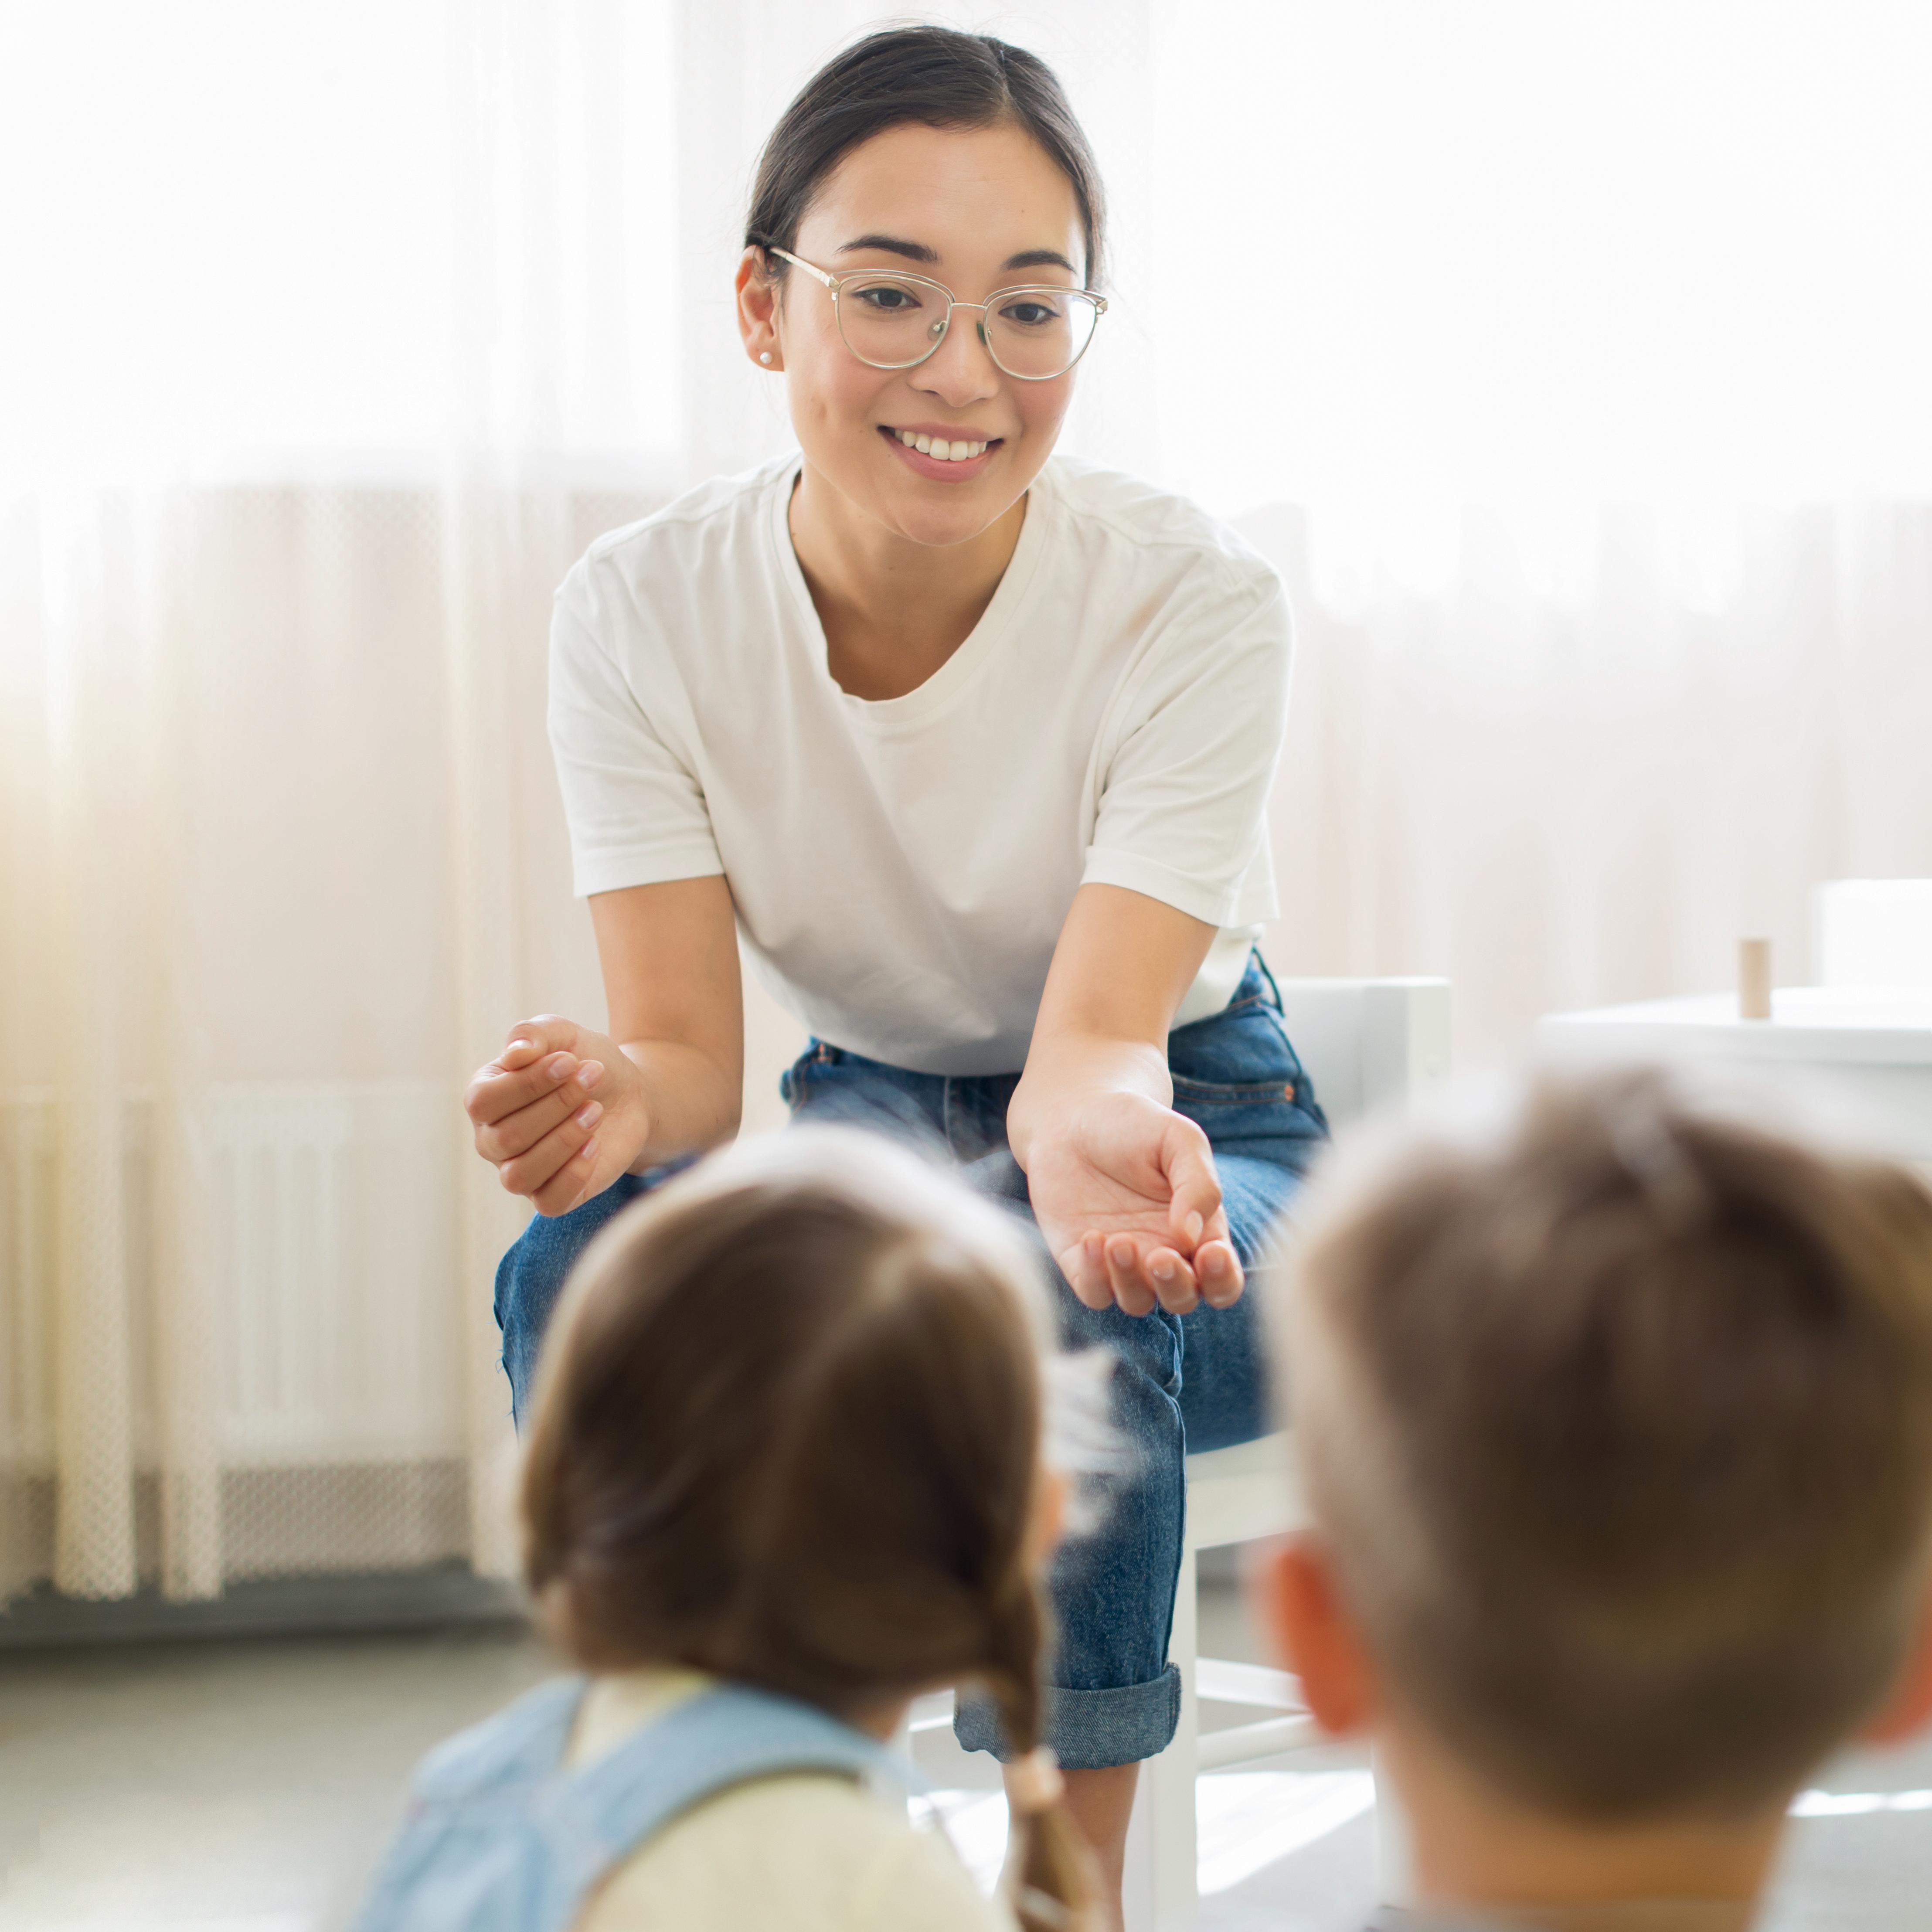 kindergarten-teacher-explaining-something-to-her-students